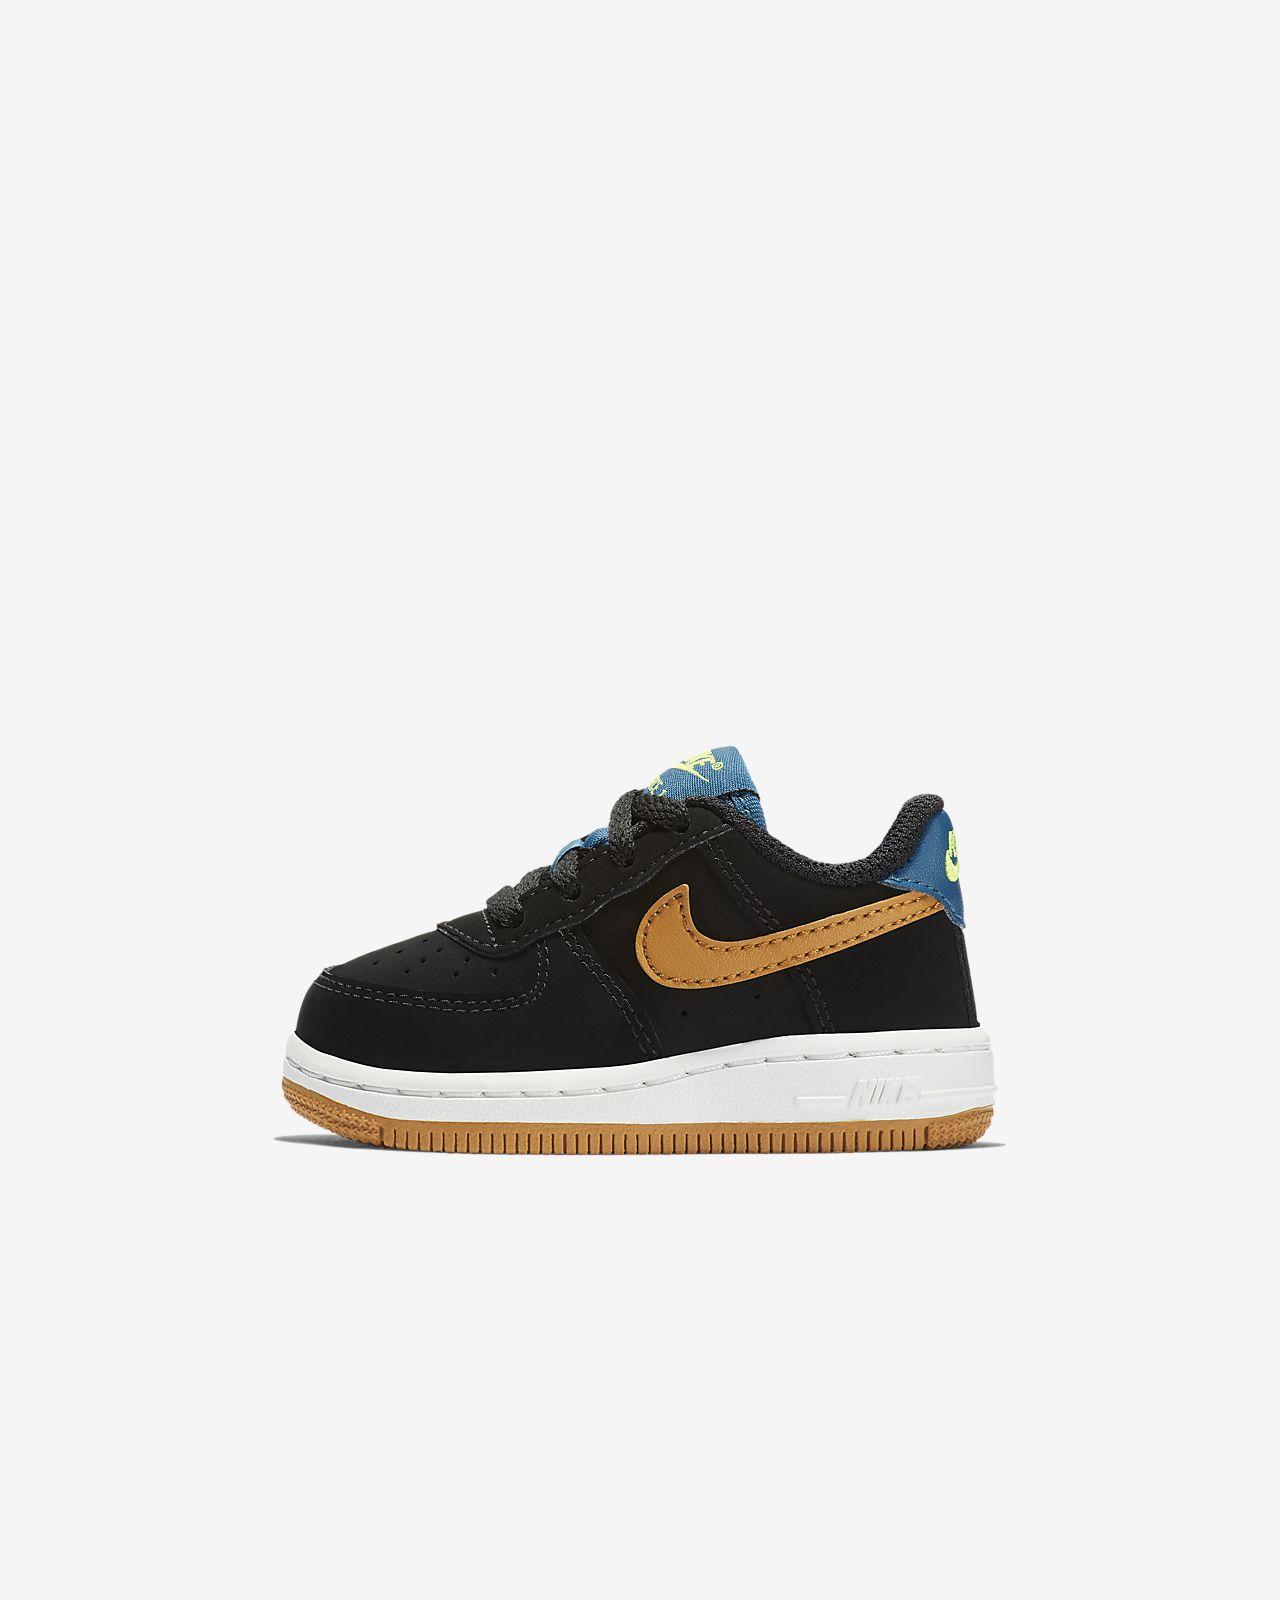 Nike Air Force 1 Toddler Shoe